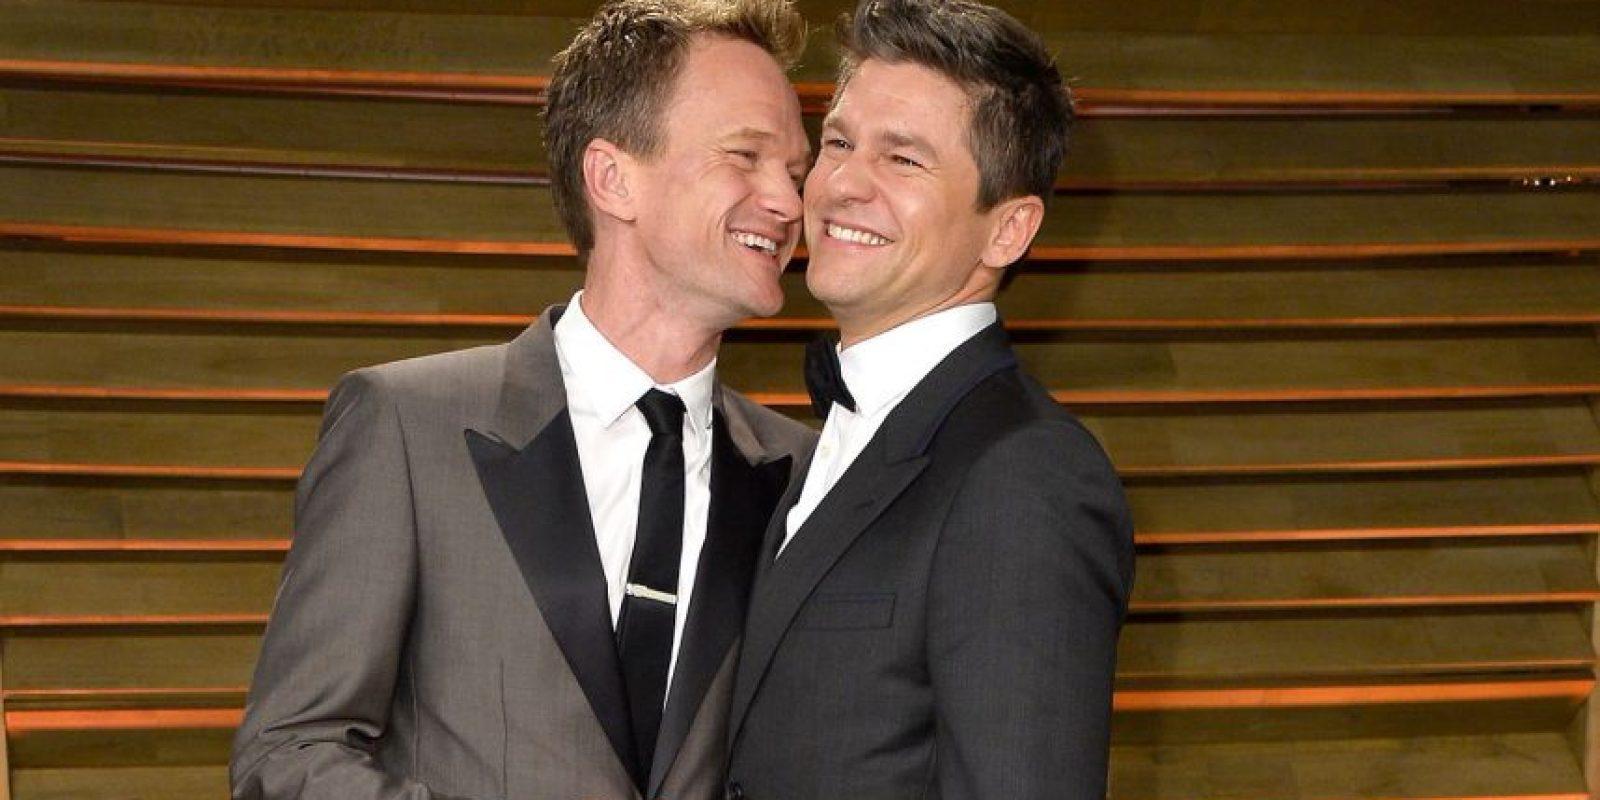 Neil Patrick Harris, quien presentará los Óscar este año y su esposo David Burtka Foto:Getty Images